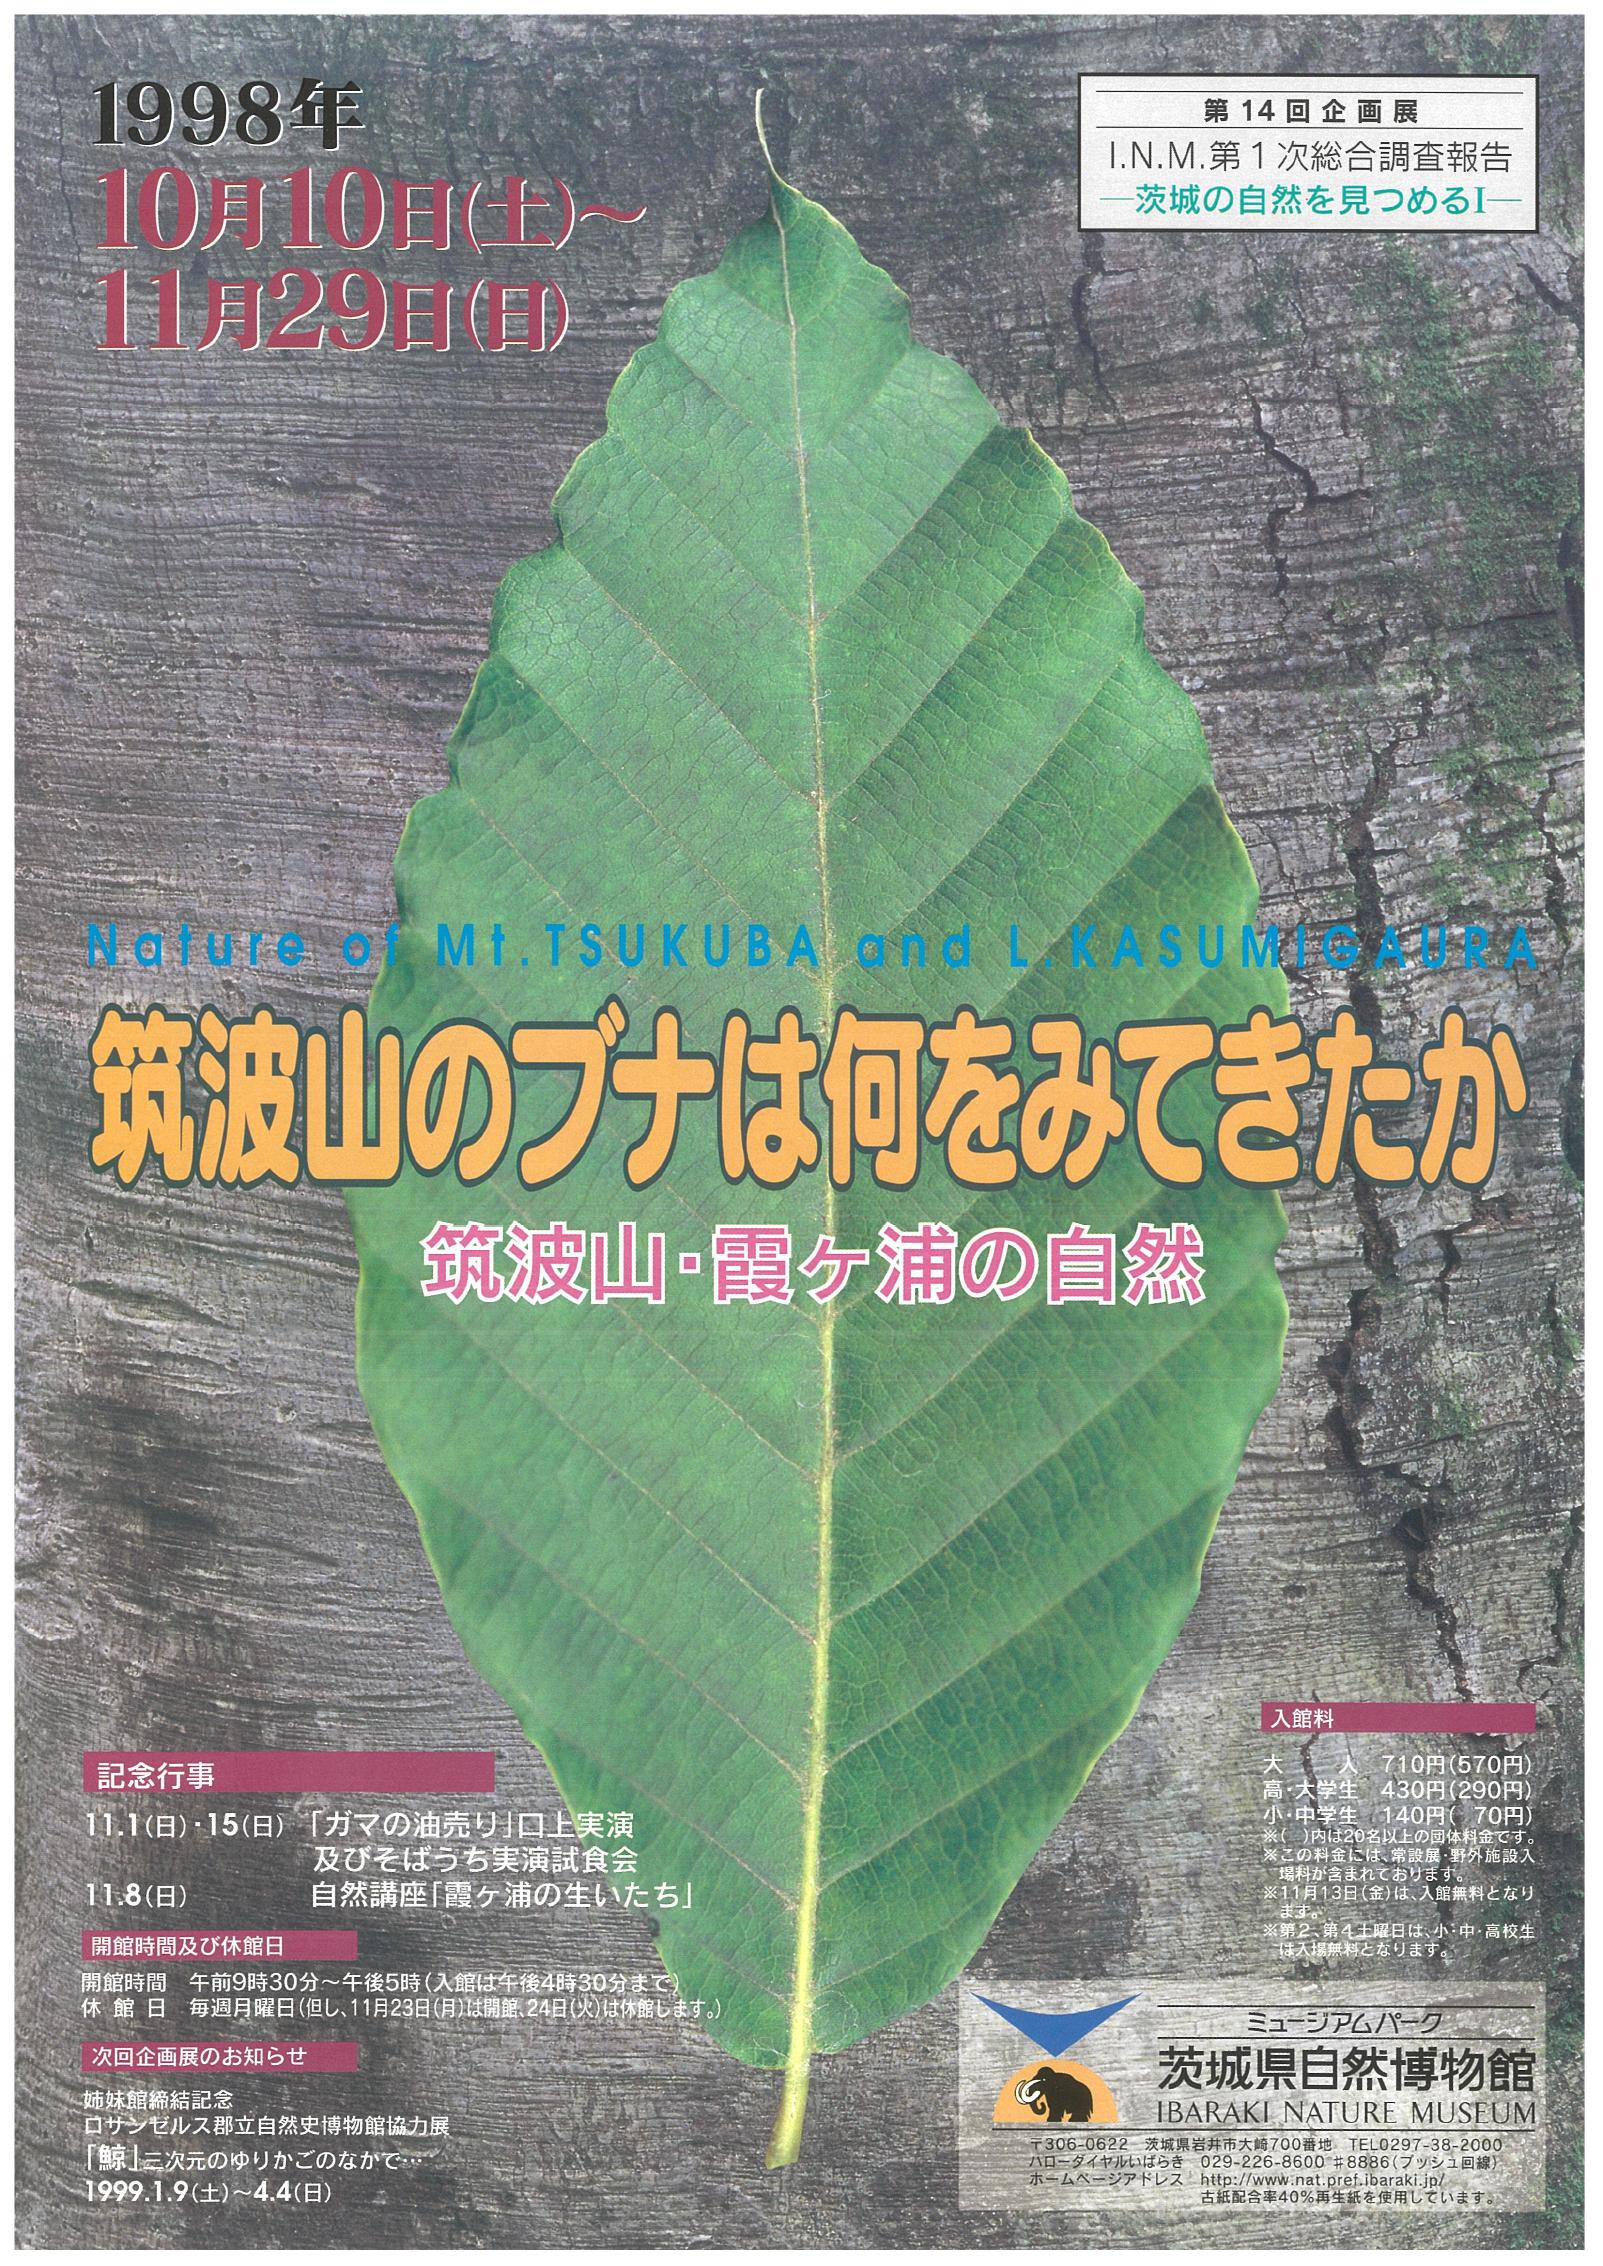 筑波山のブナは何をみてきたか -筑波山・霞ヶ浦の自然-